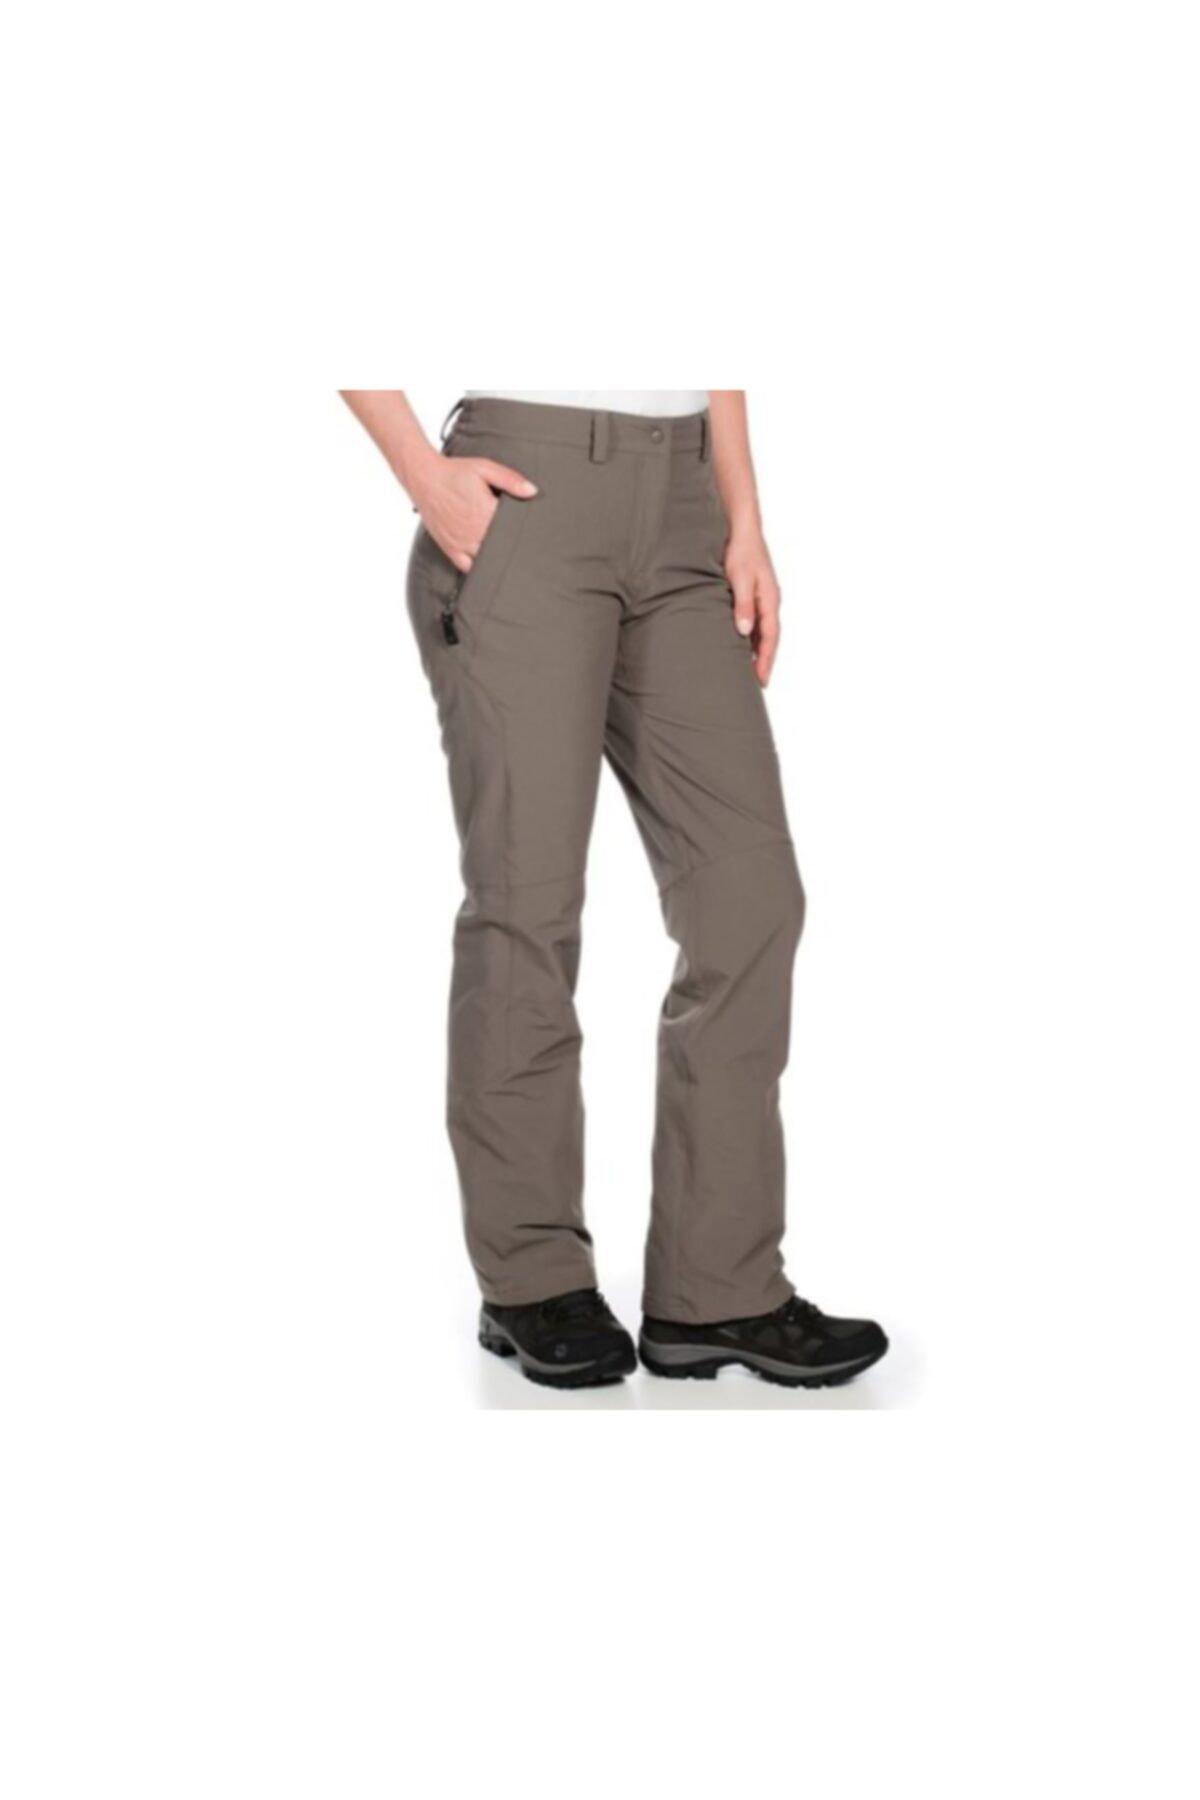 Jack Wolfskin Kadın Activate Winter Pantolon 1500072-5116 1